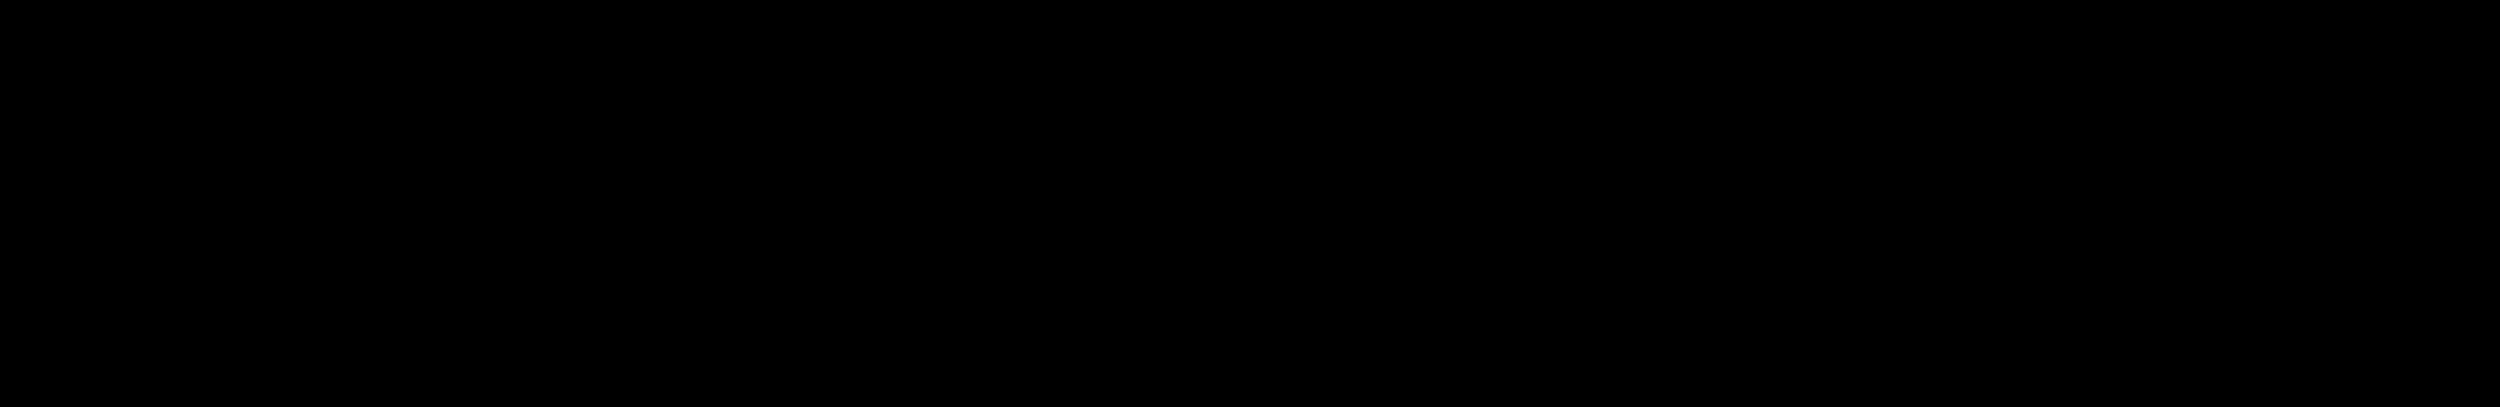 gullspang_logotype_rgb_600dpi.png